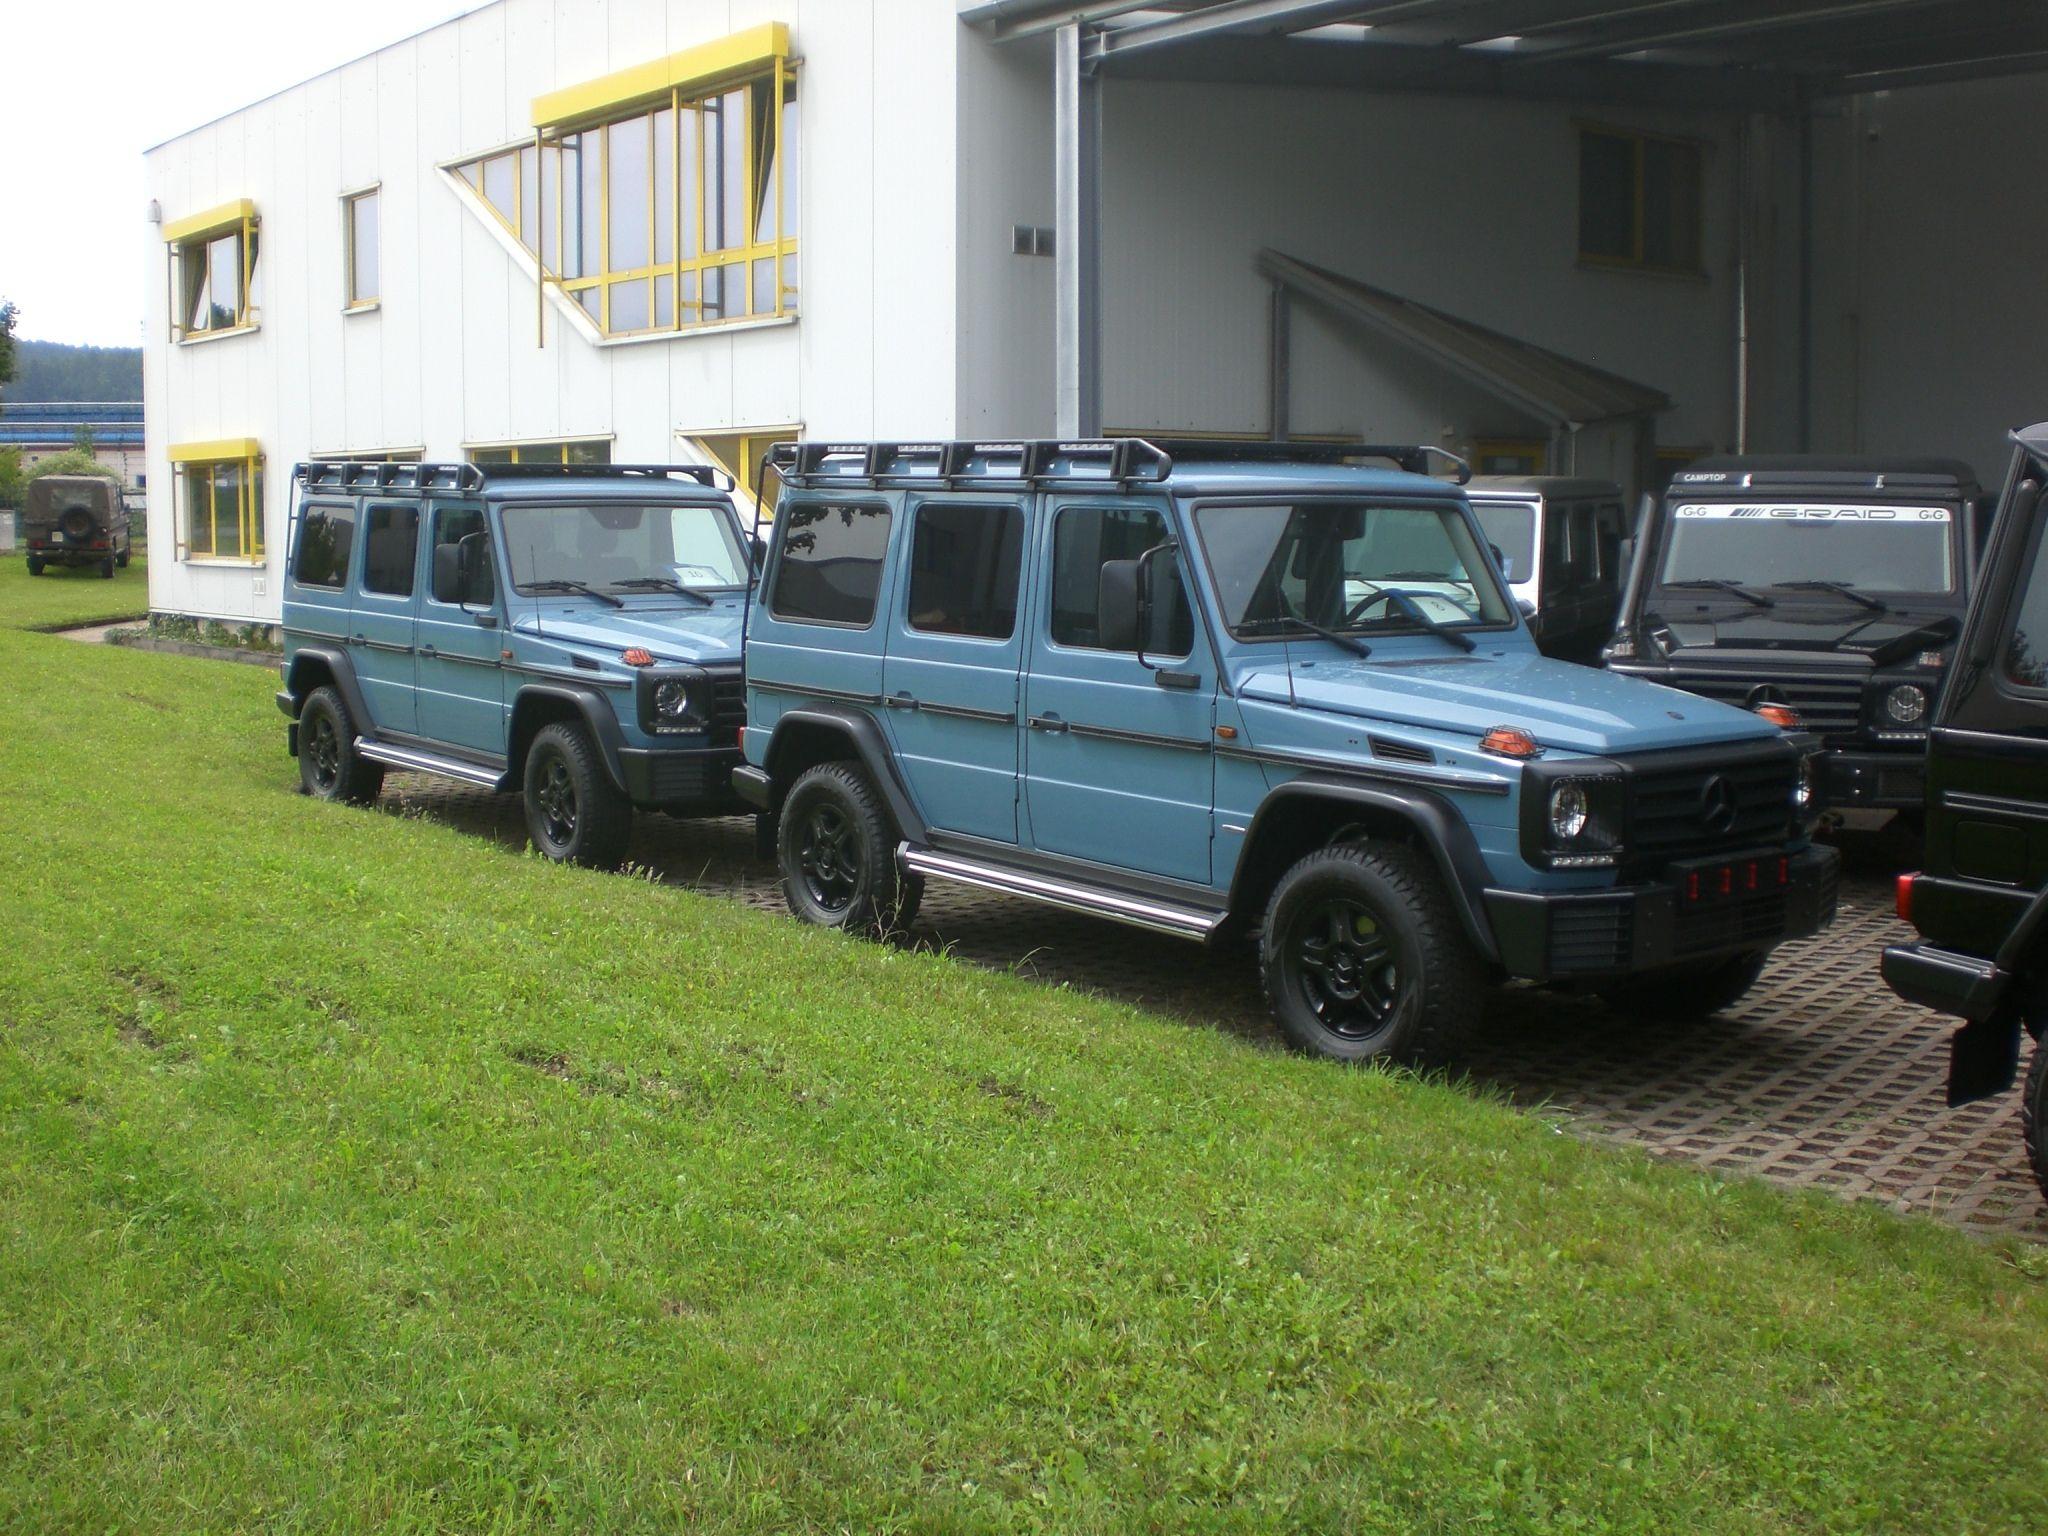 Limousine mit hubschrauberlandeplatz  file.php (2048×1536)   G-Wagen   Pinterest   Filing, Mercedes benz ...